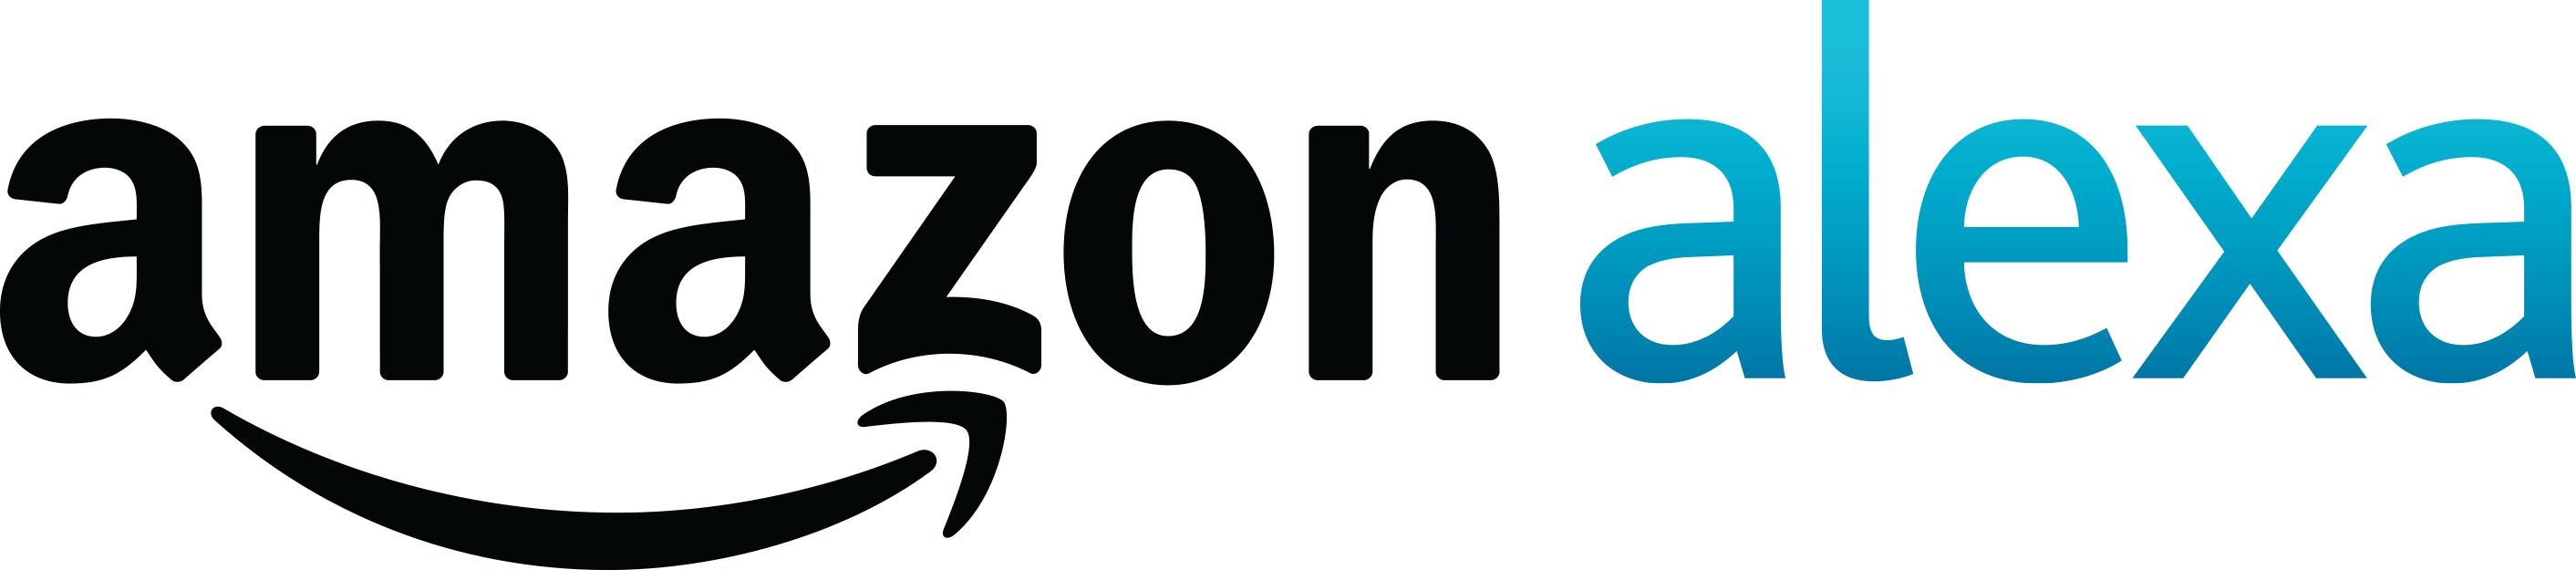 Amazon Alexa Logo Vector PNG - 111607